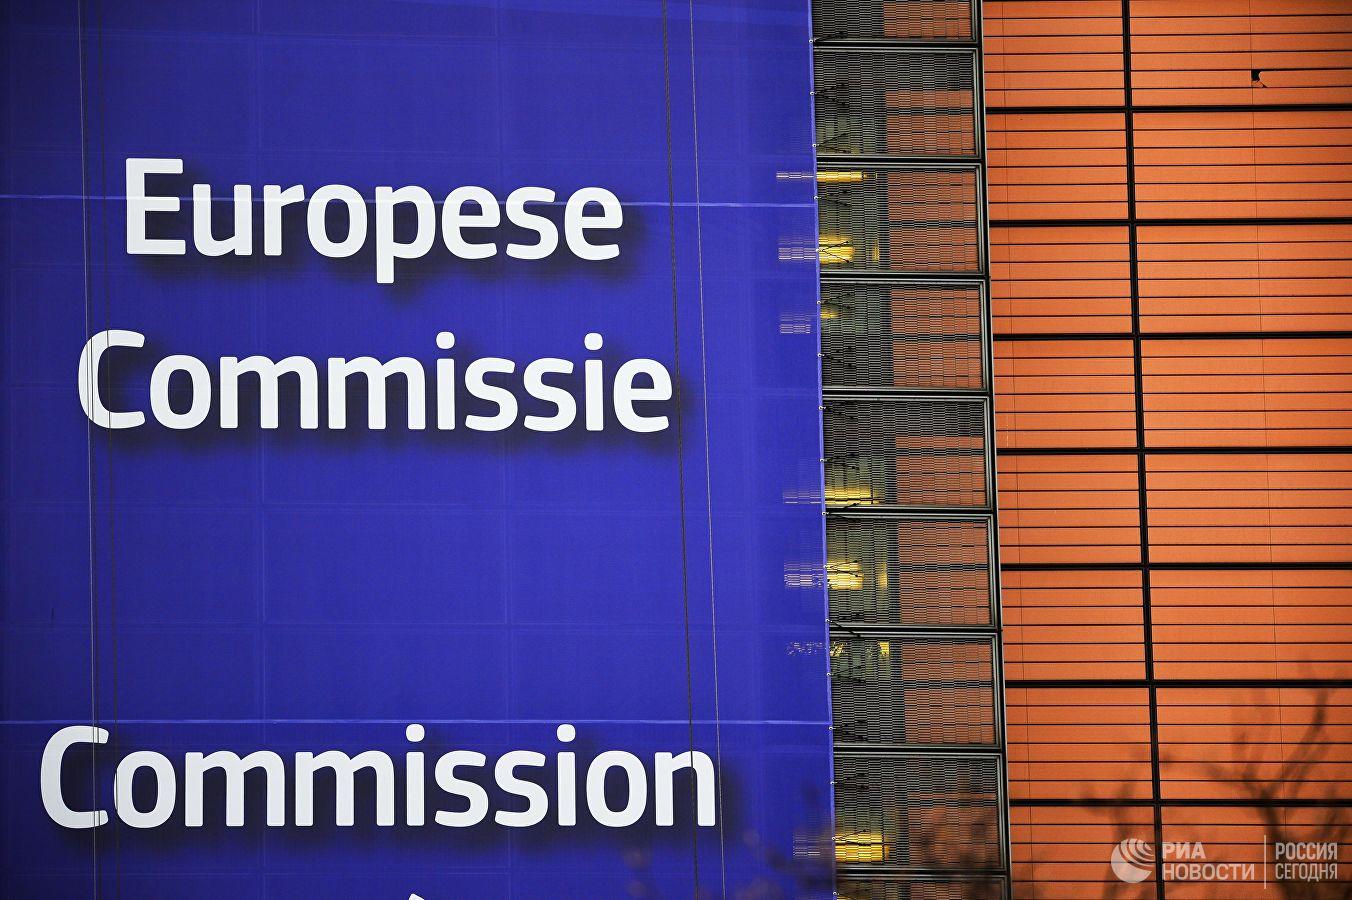 ЕС сможет прервать переговоры с США о торговле в случае новых ограничений